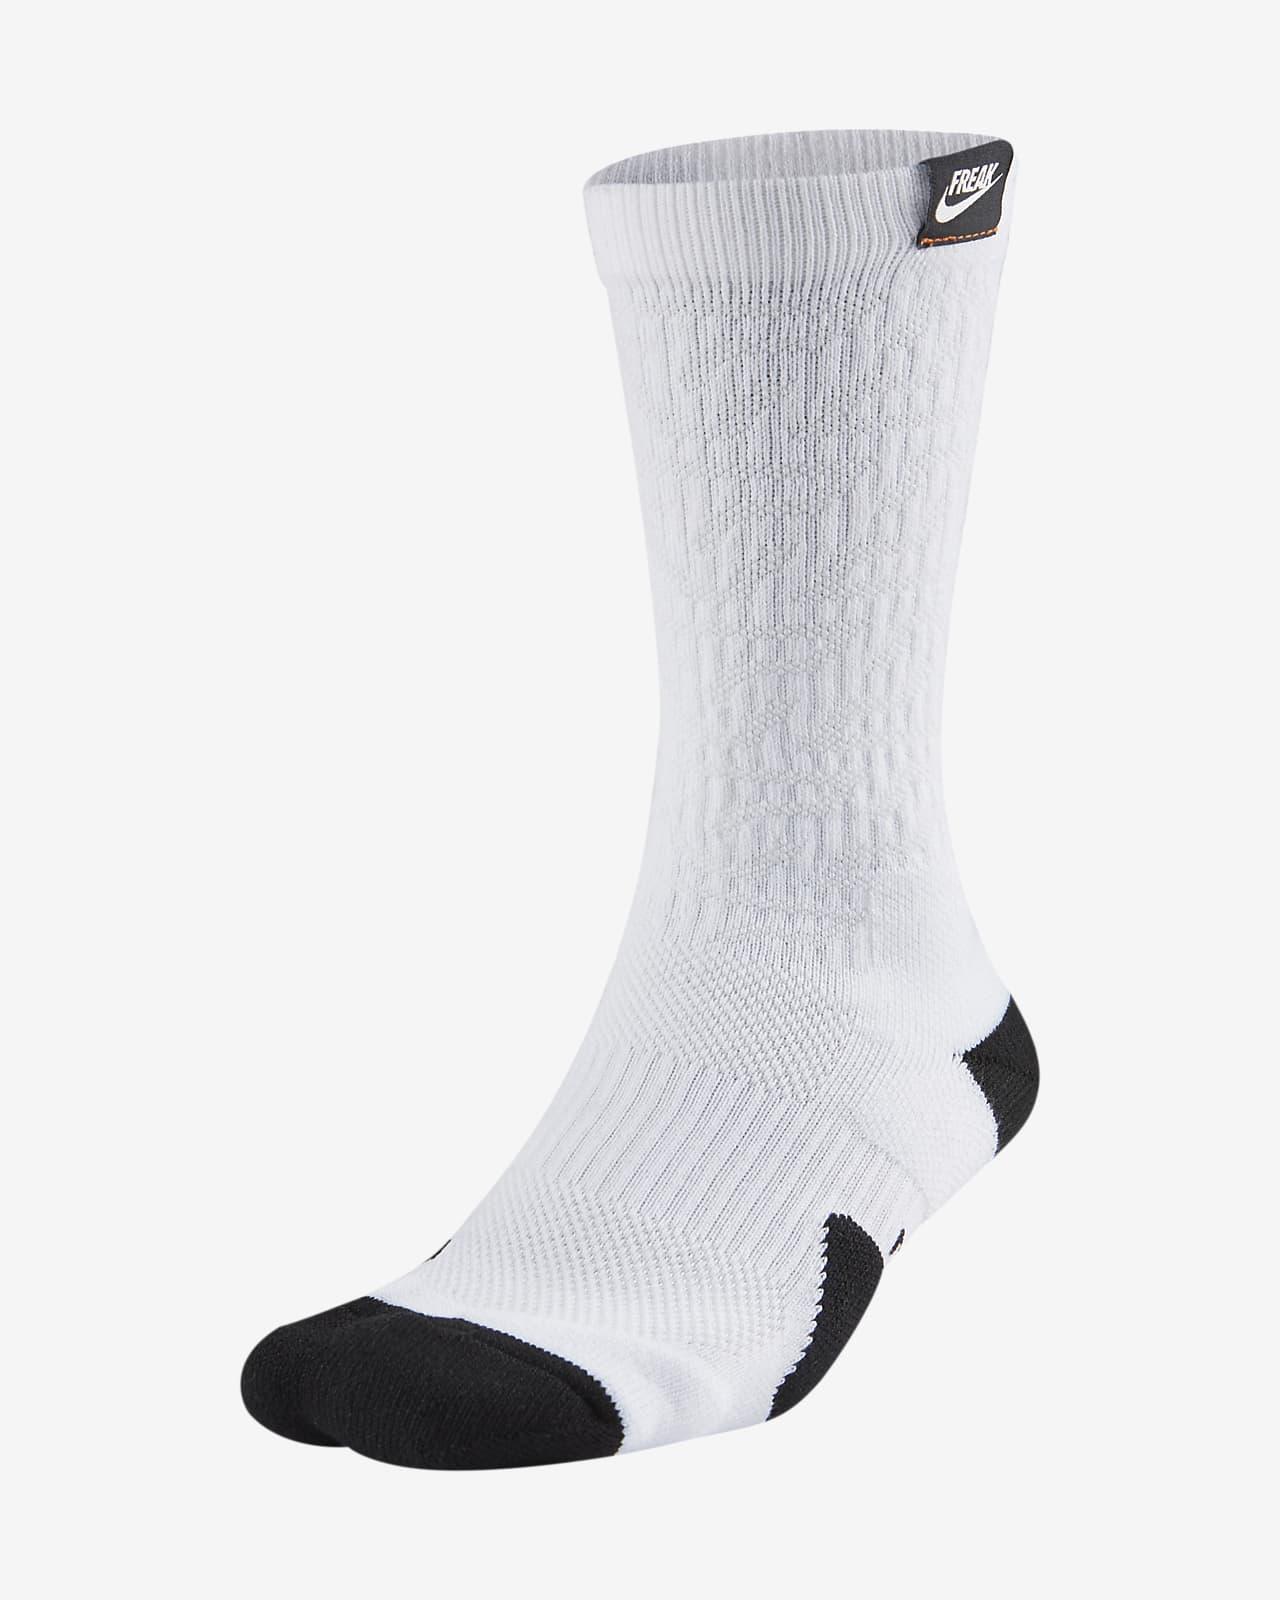 Giannis Nike Elite Basketball-Crew-Socken